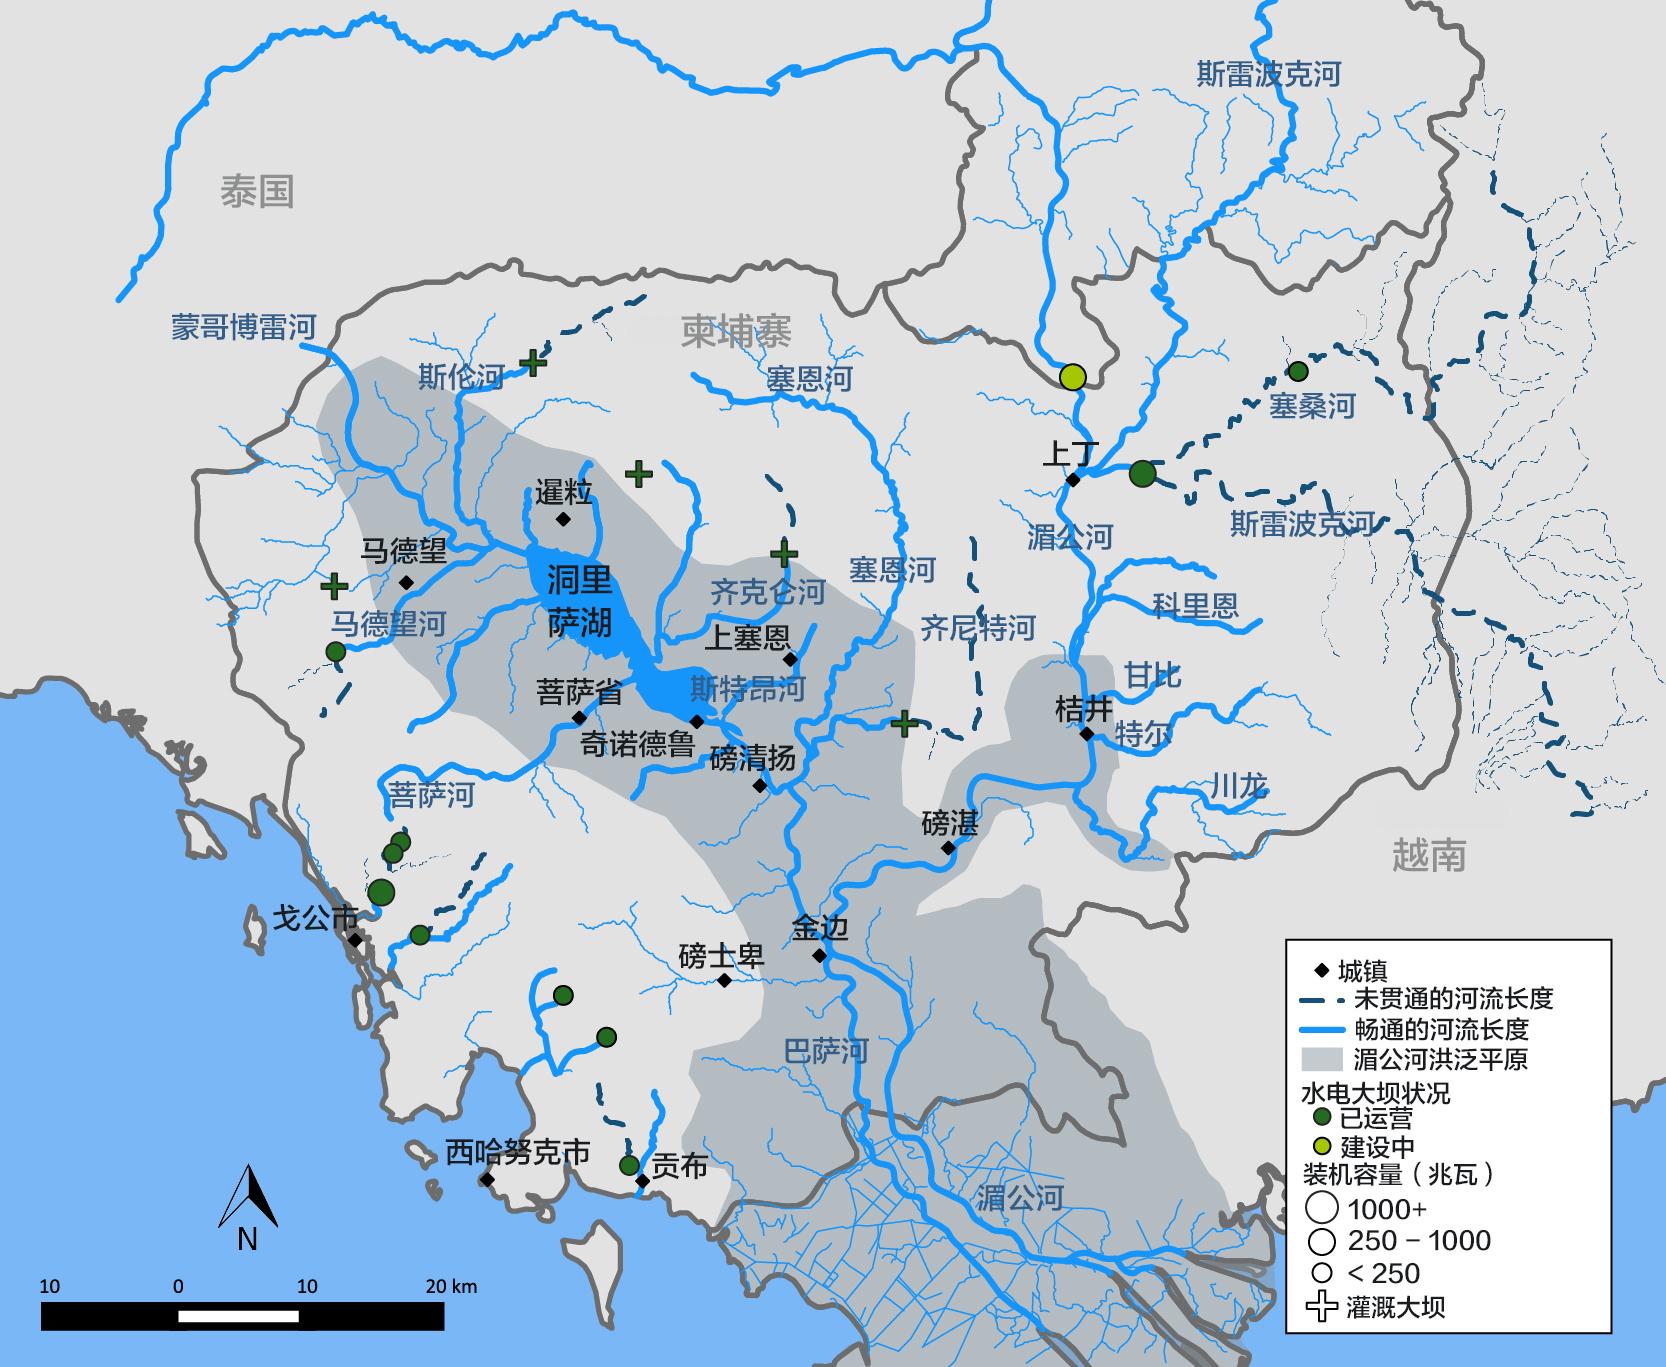 柬埔寨境内洞里萨湖和湄公河支流的互通性